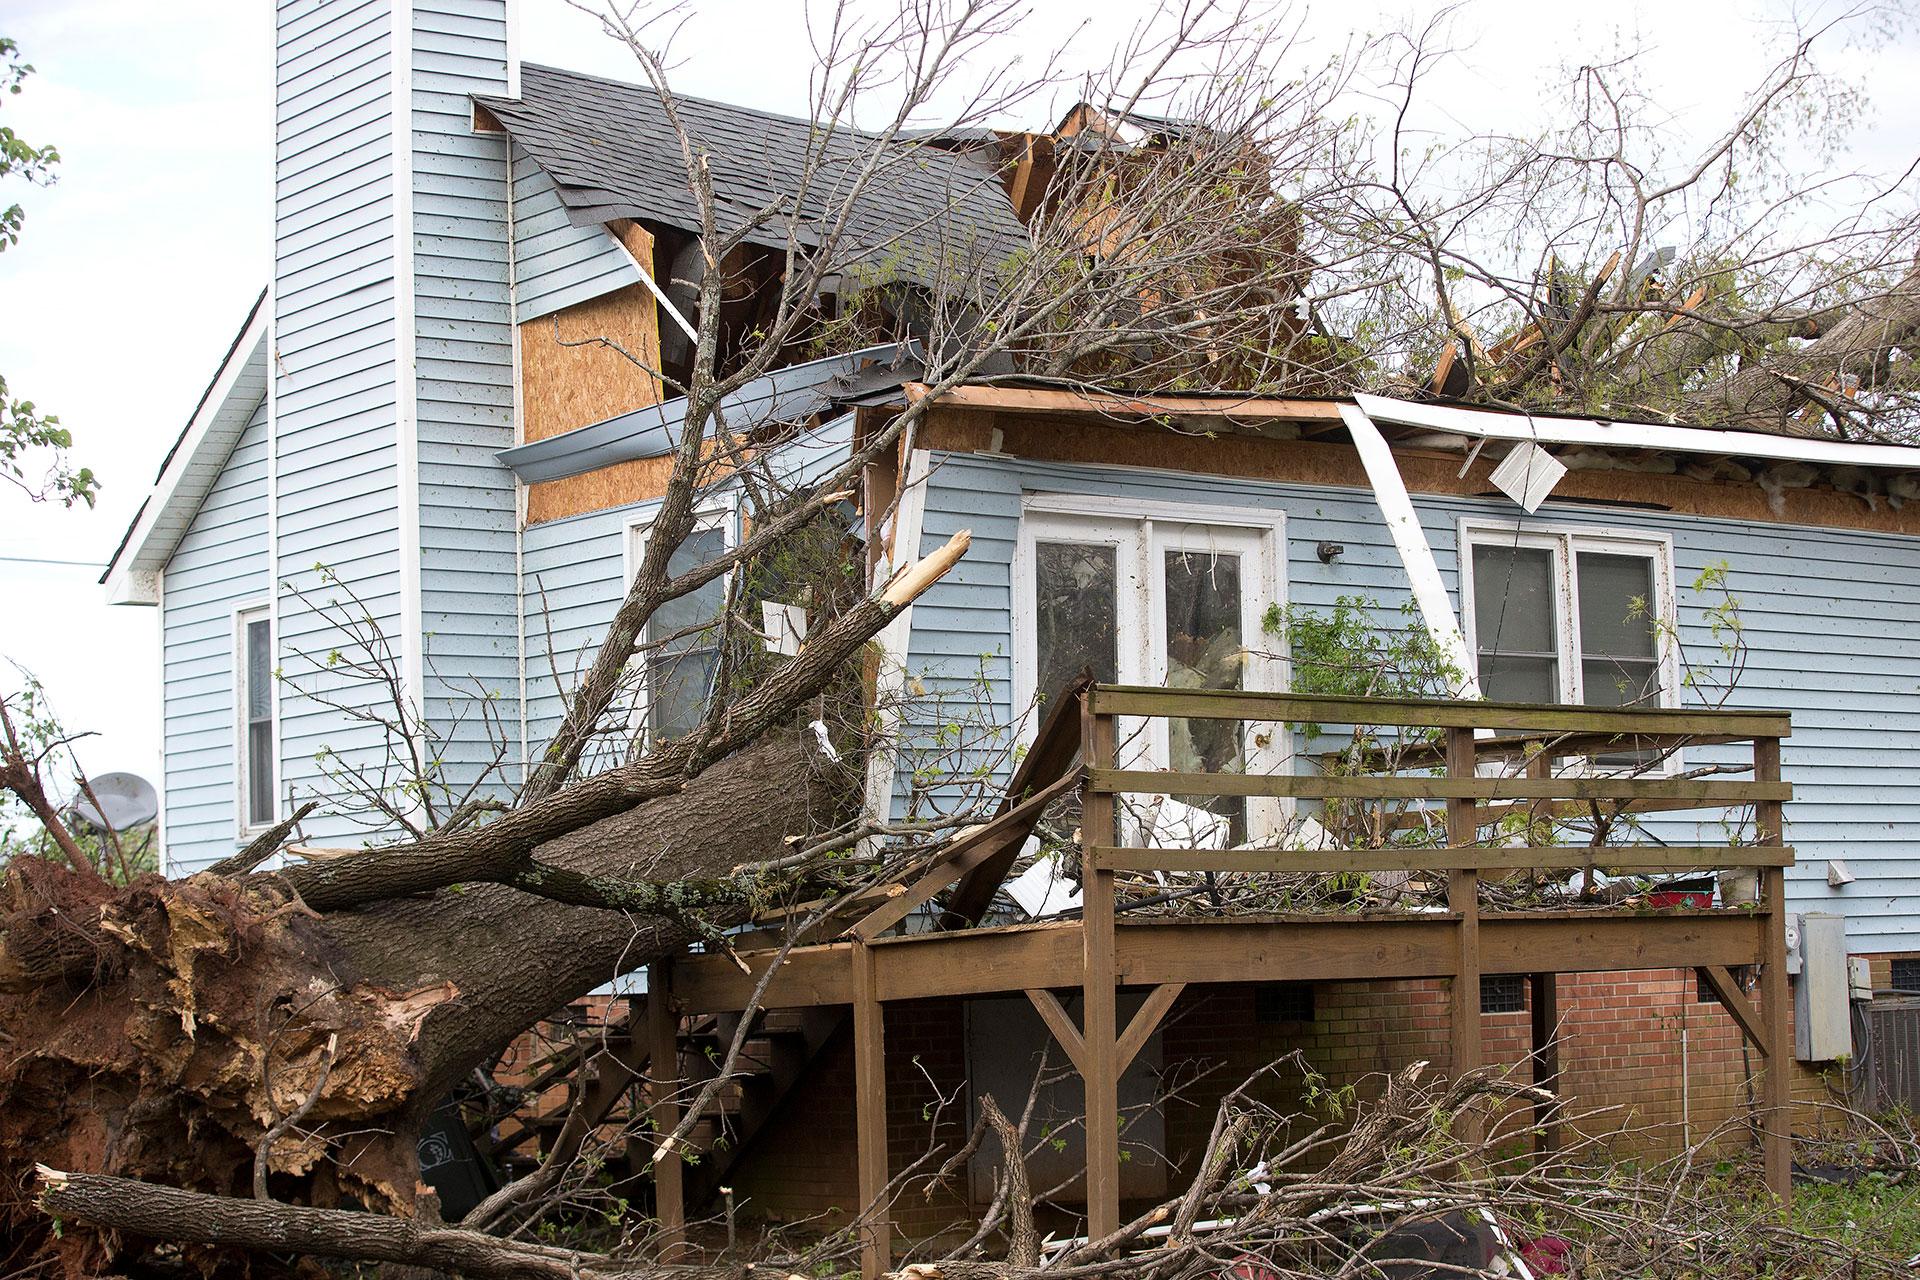 Un árbol caído partió esta casa en Nealtown Road, Greensboro